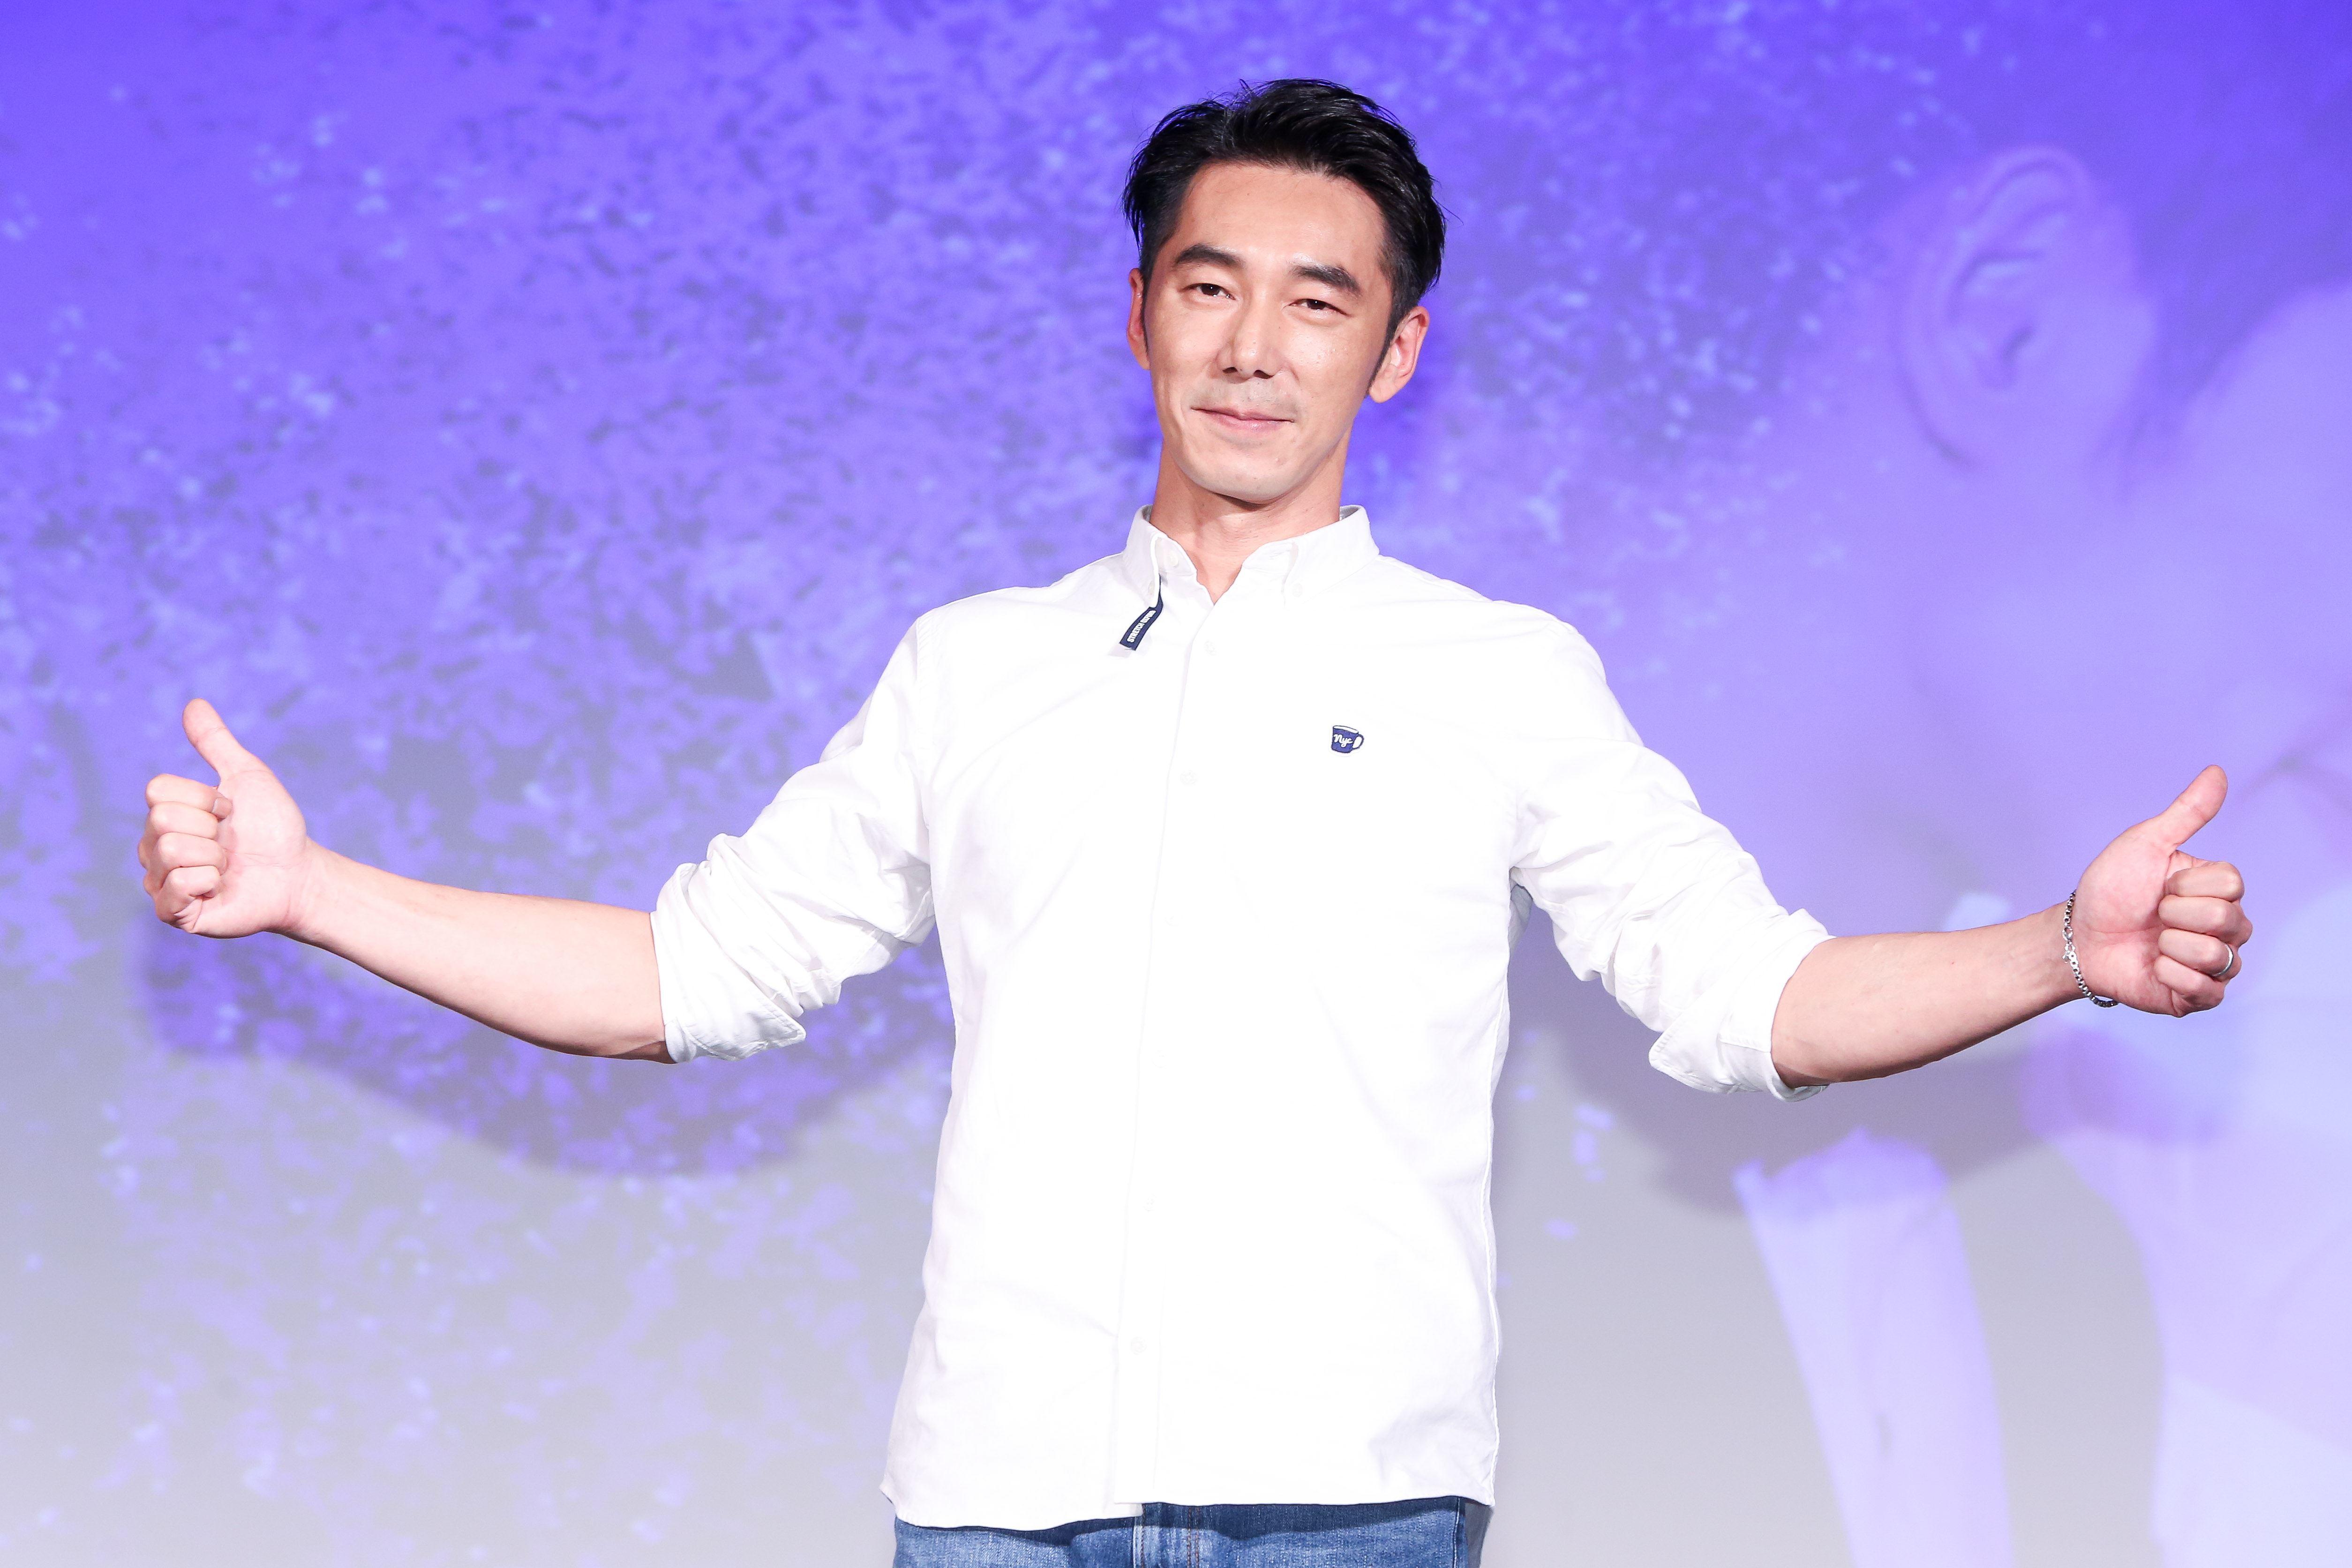 平行時空劇《如果愛,重來》首映會,演員李李仁。(記者林士傑/攝影)